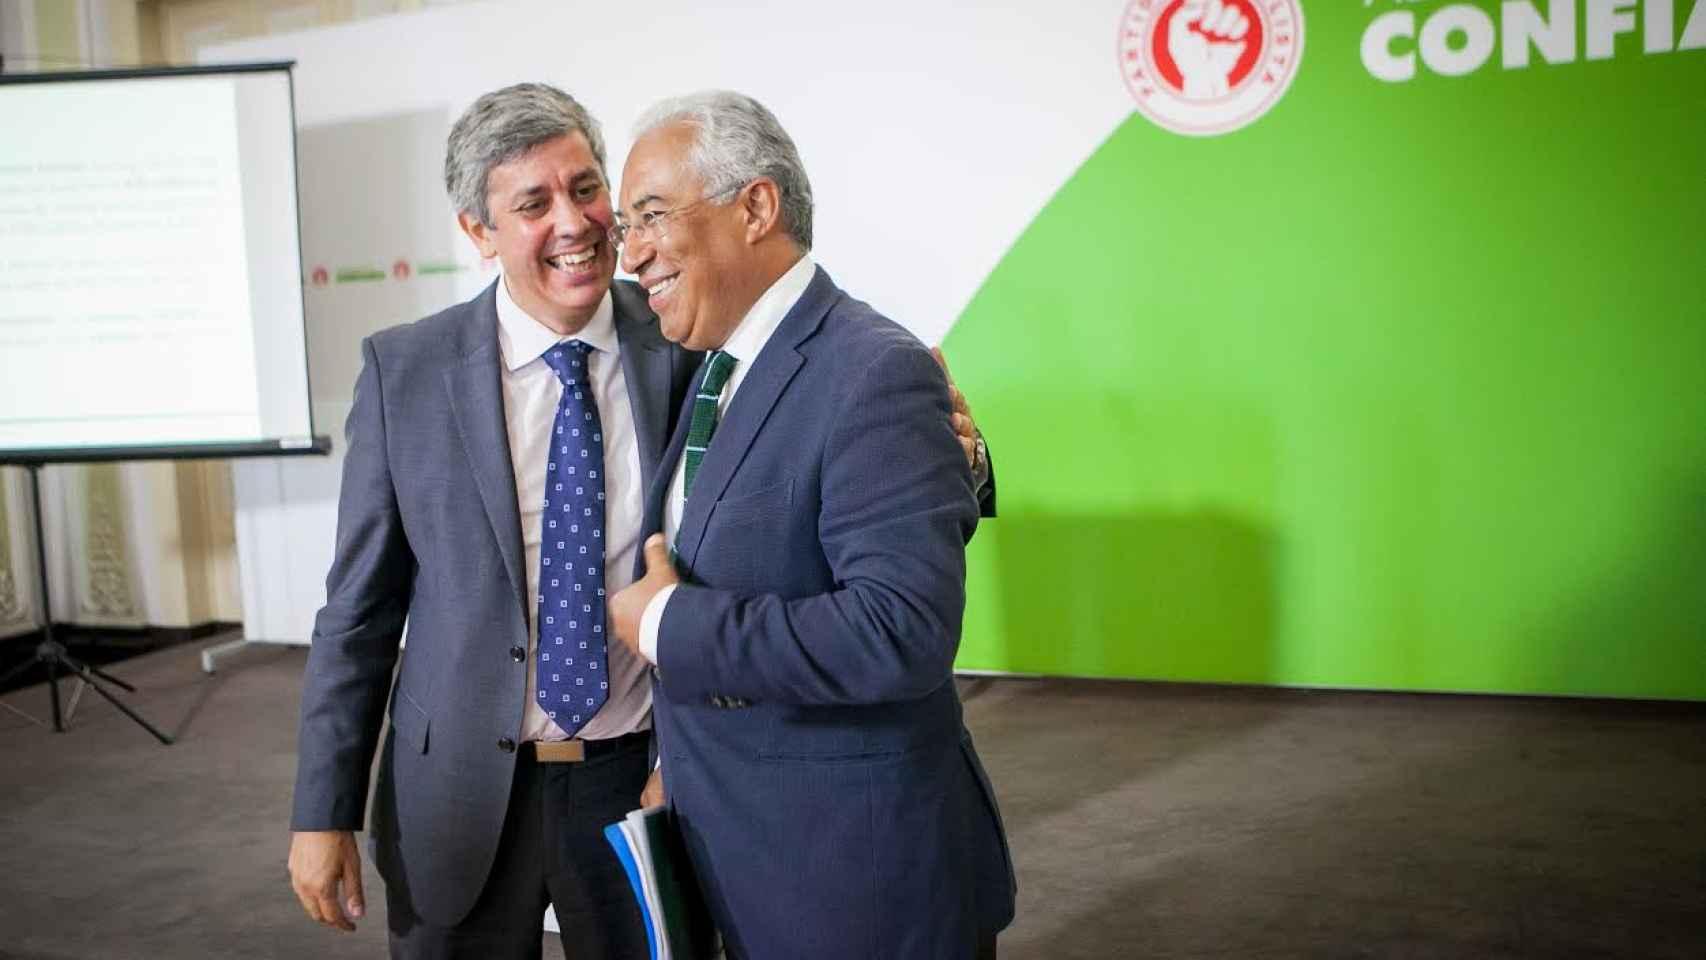 A la izquierda, Mário Centeno, junto al secretario general del PS, António Costa